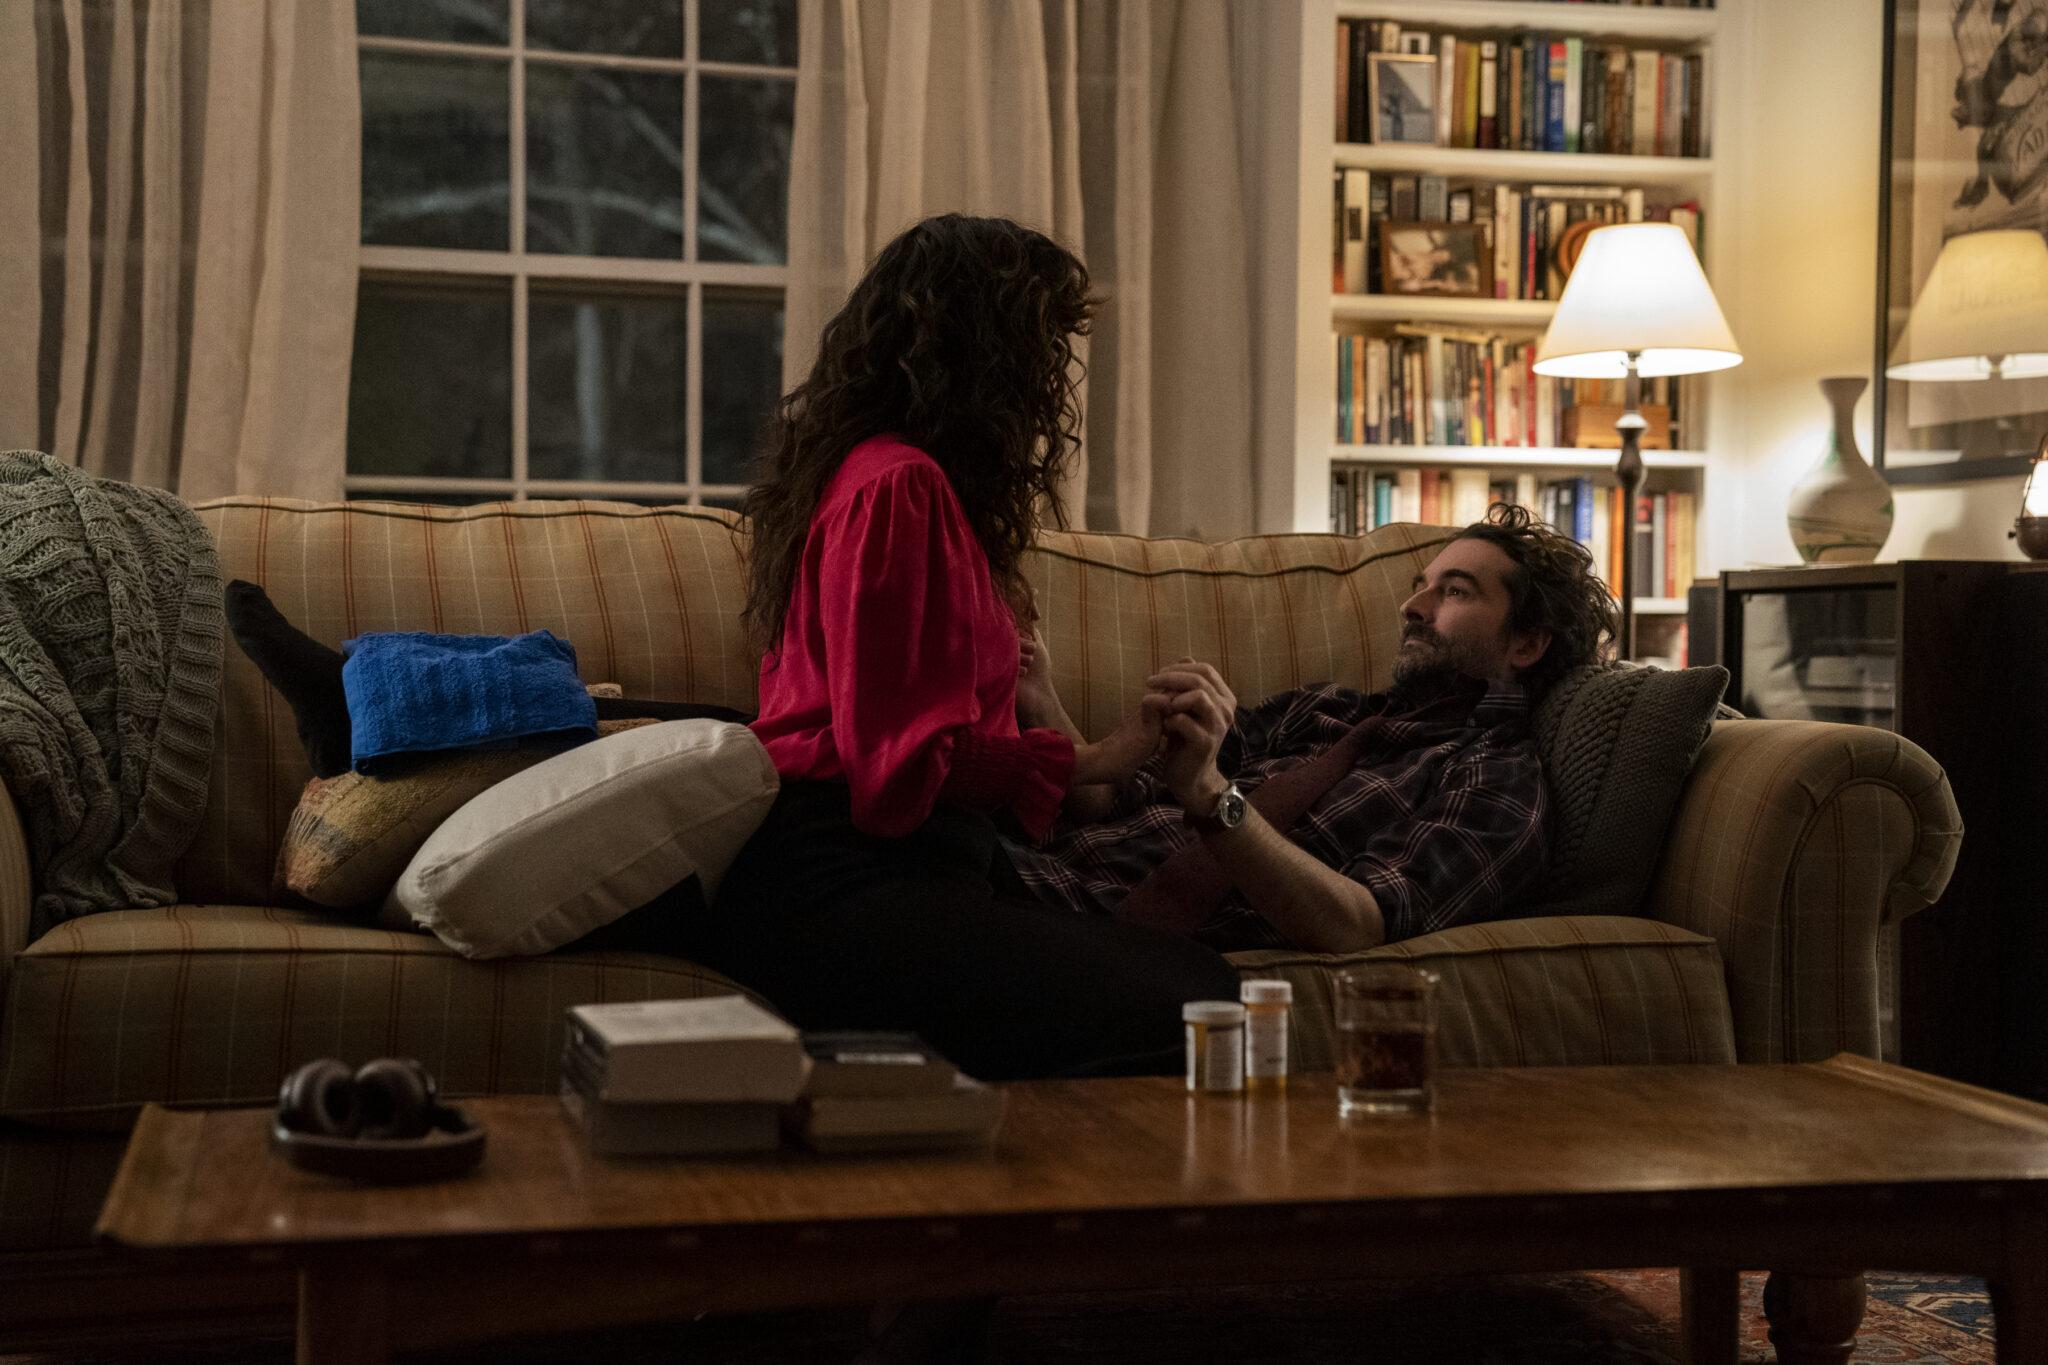 In einem Wohnzimmer sitzt Sandra Oh auf der Couch vor einem Bücherregal während neben ihr Jay Duplass liegt. Beide halten sich an der Hand. Im Vordergrund sieht man einen Couchtisch auf dem einige Bücher, ein Kopfhörer, ein Glas und zwei Dosen mit Pillen stehen.